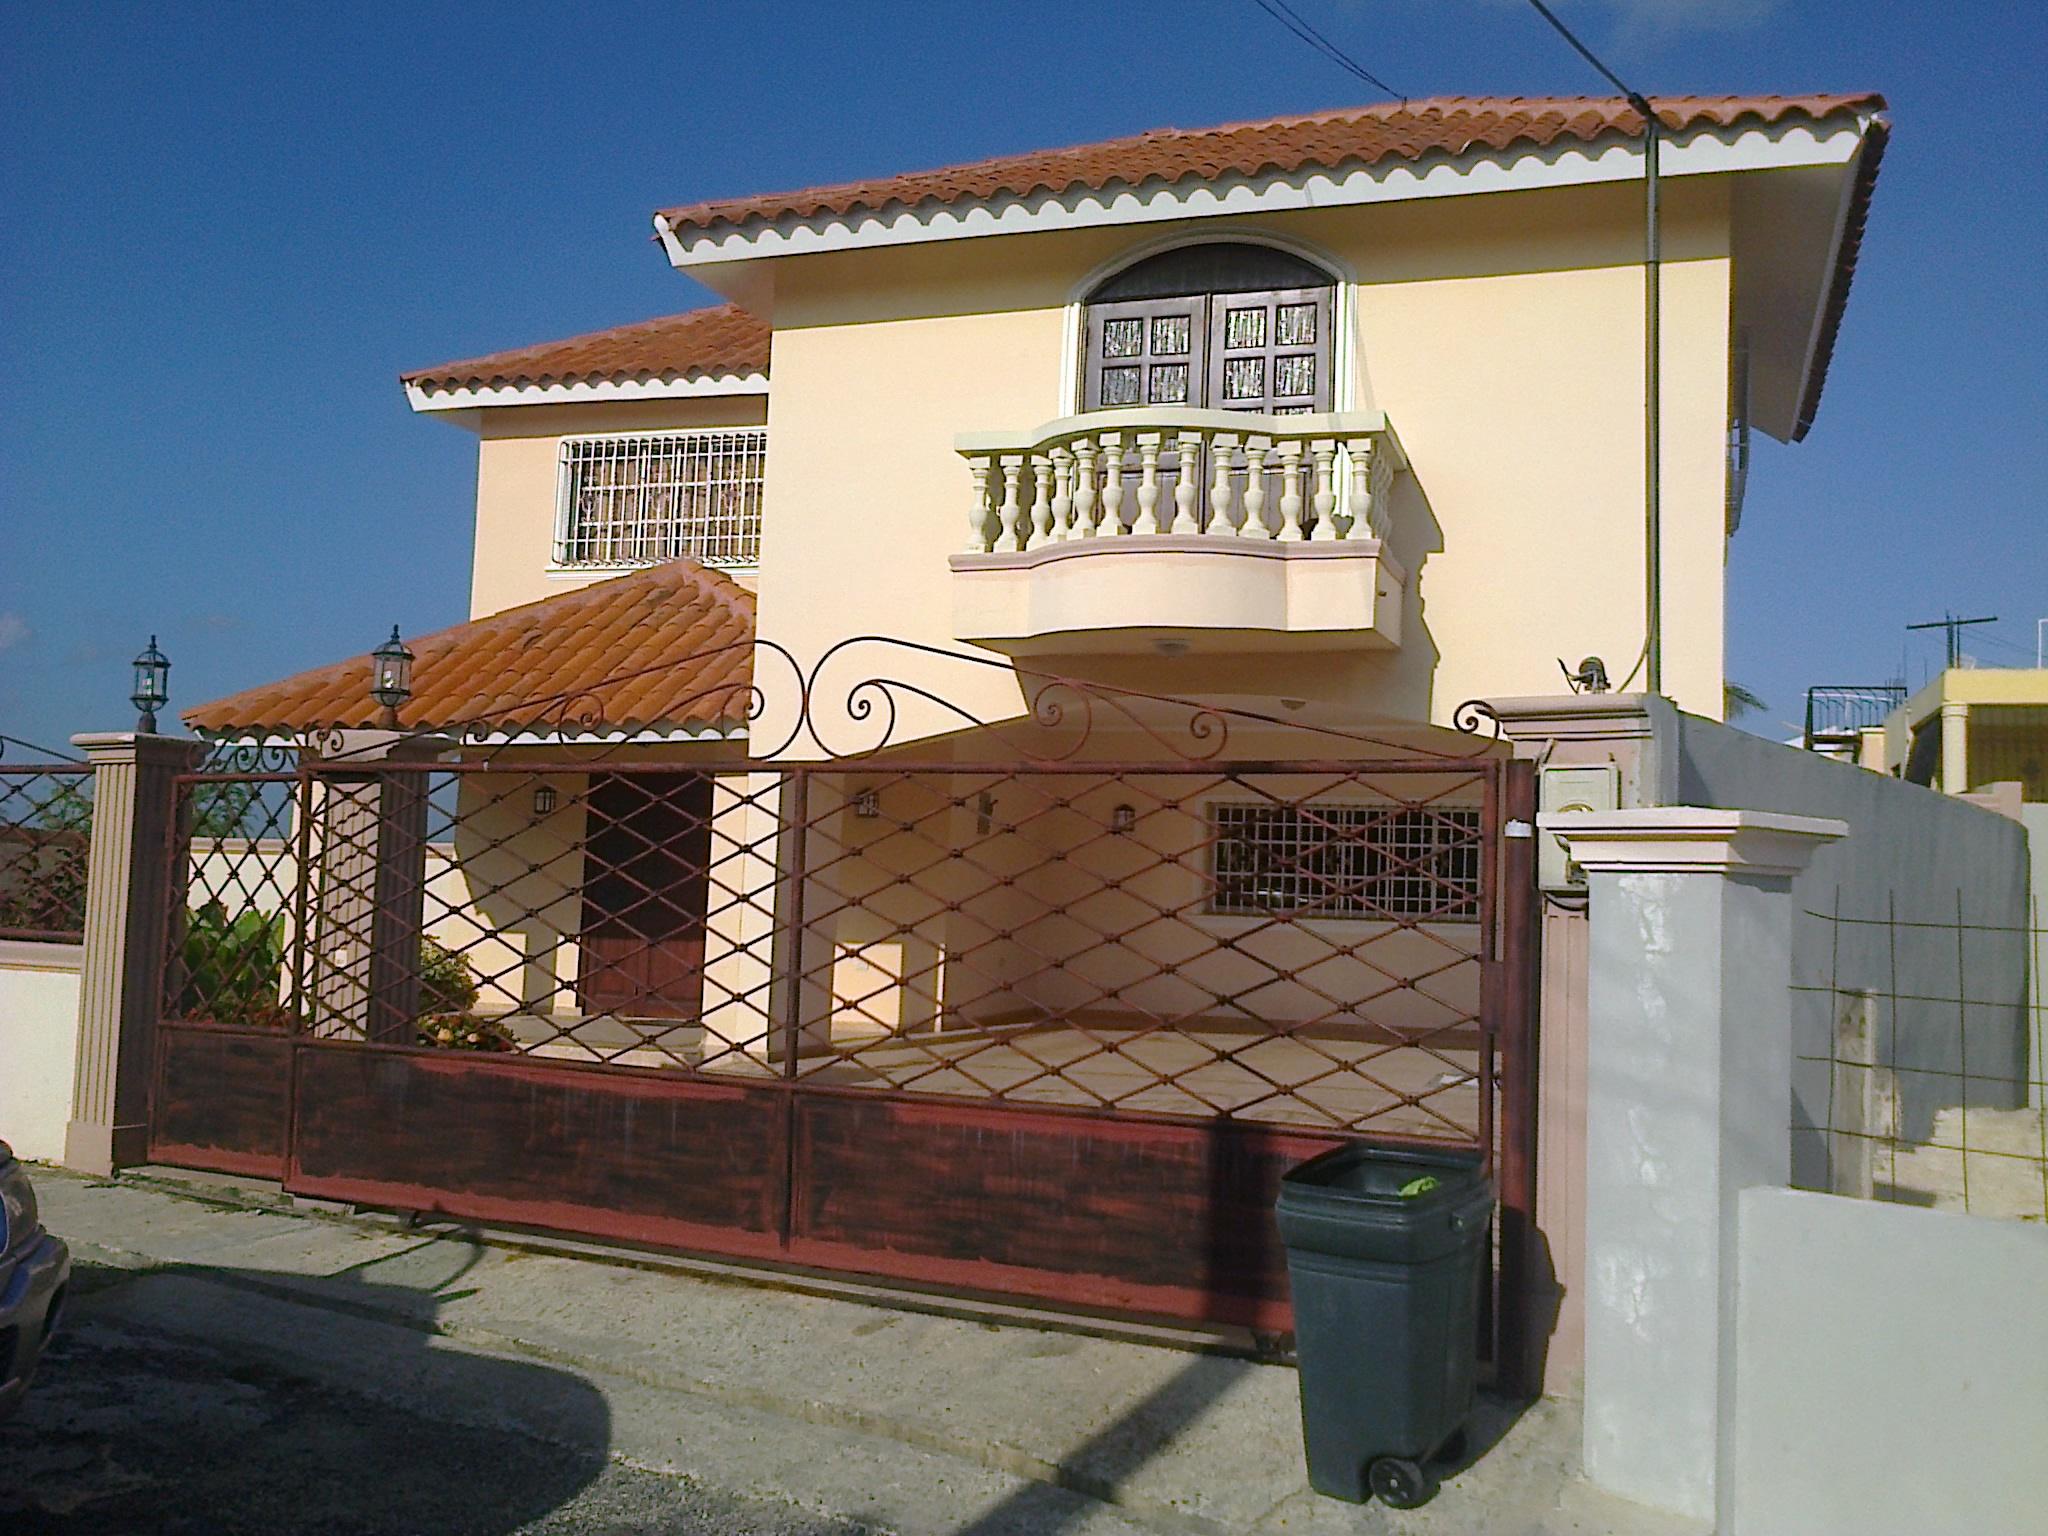 Geräumige und kühles Haus in Santo Domingo - Gabinohome